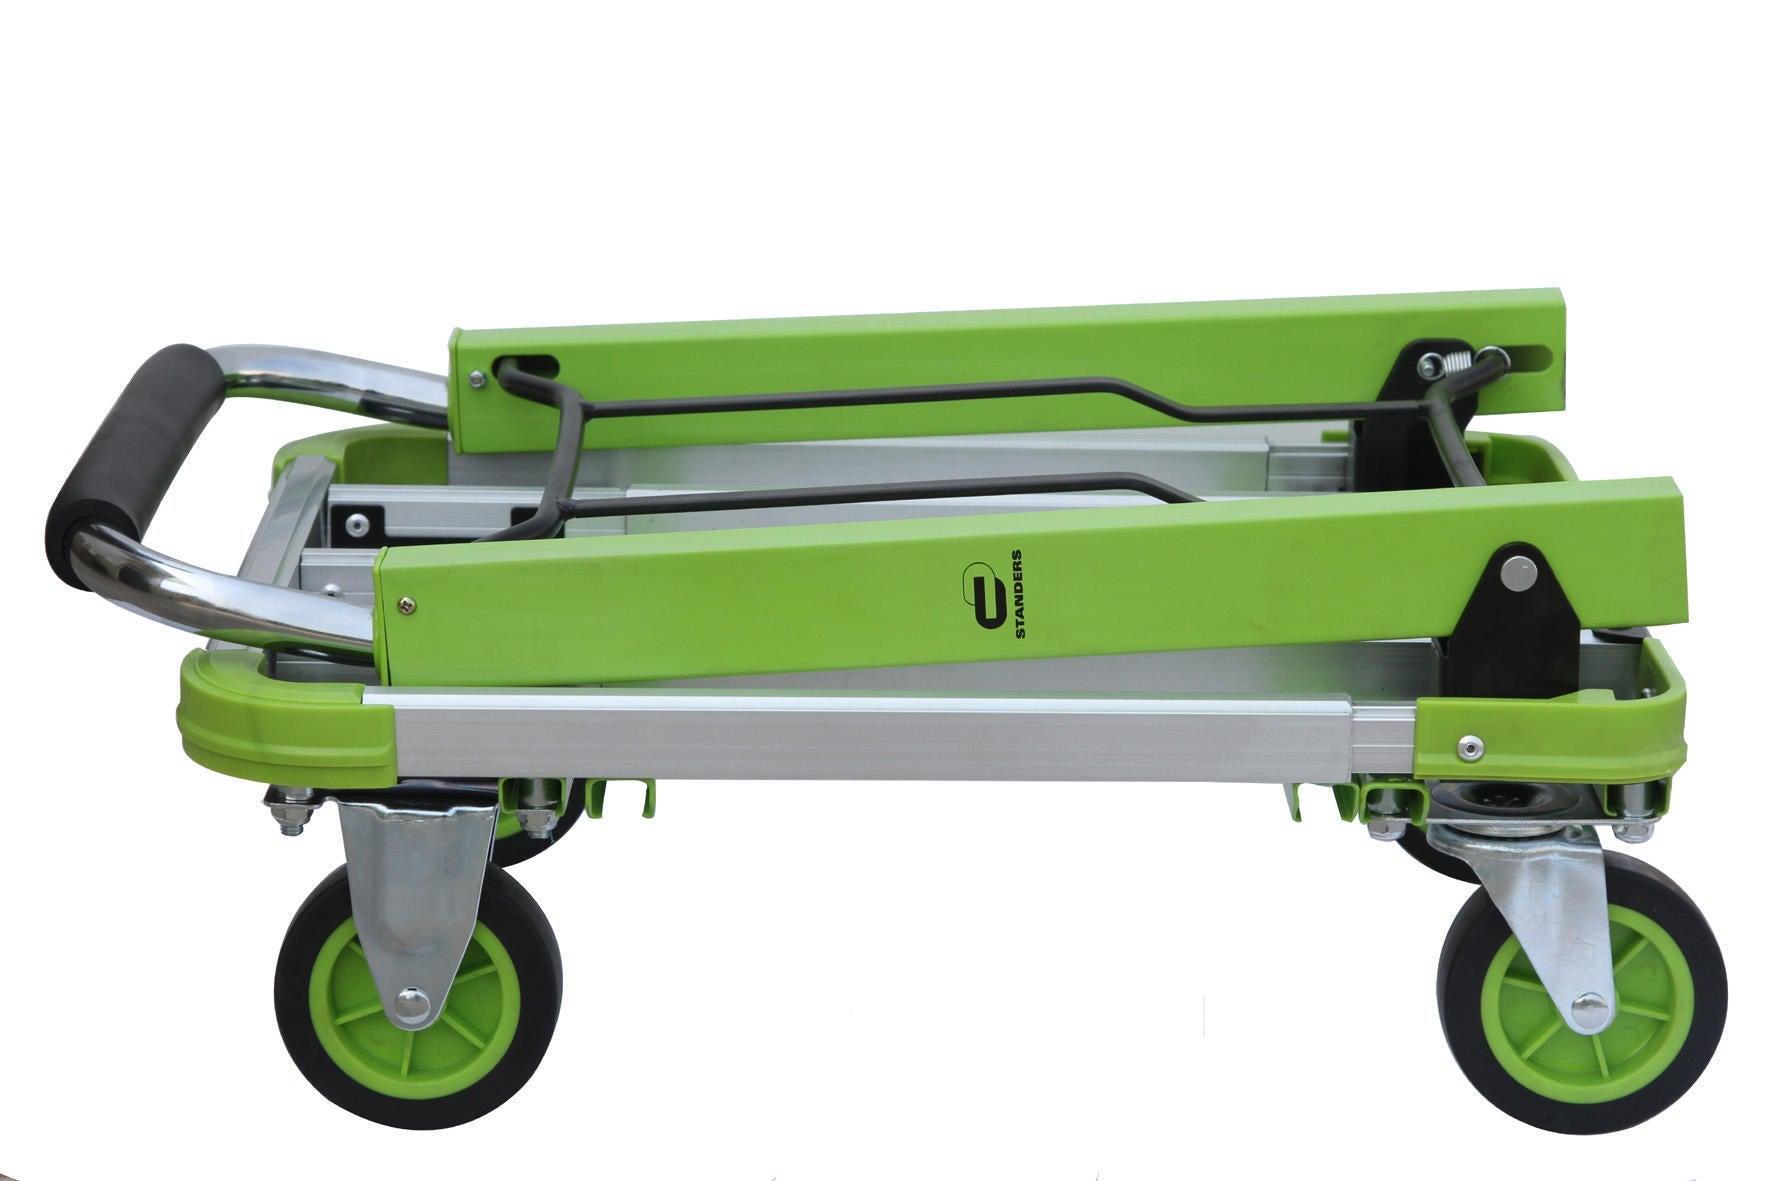 Carrello piattaforma STANDERS 71 x 42 cm portata 150 kg - 4